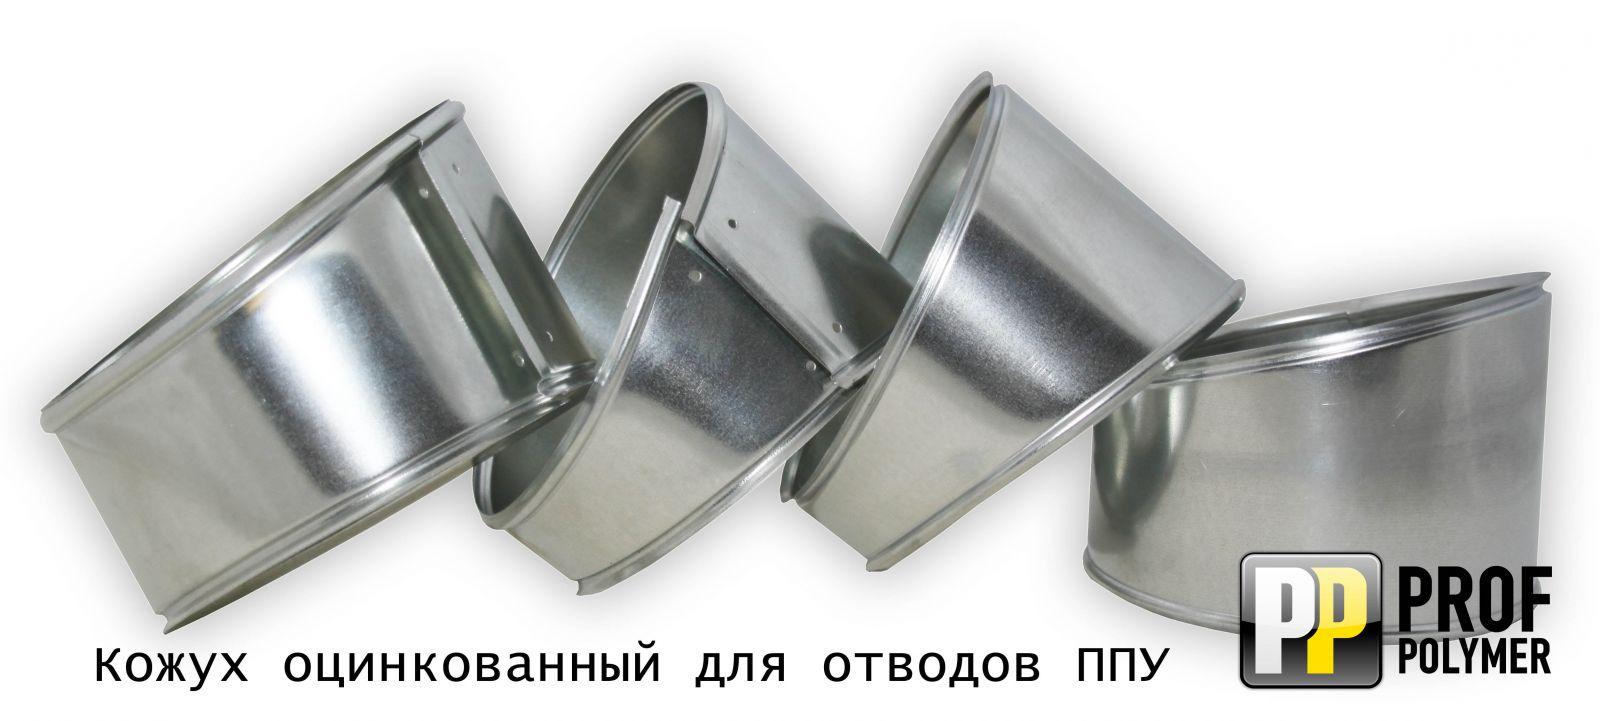 Как сделать трубу из жести: как согнуть жестяную трубу, дымоход